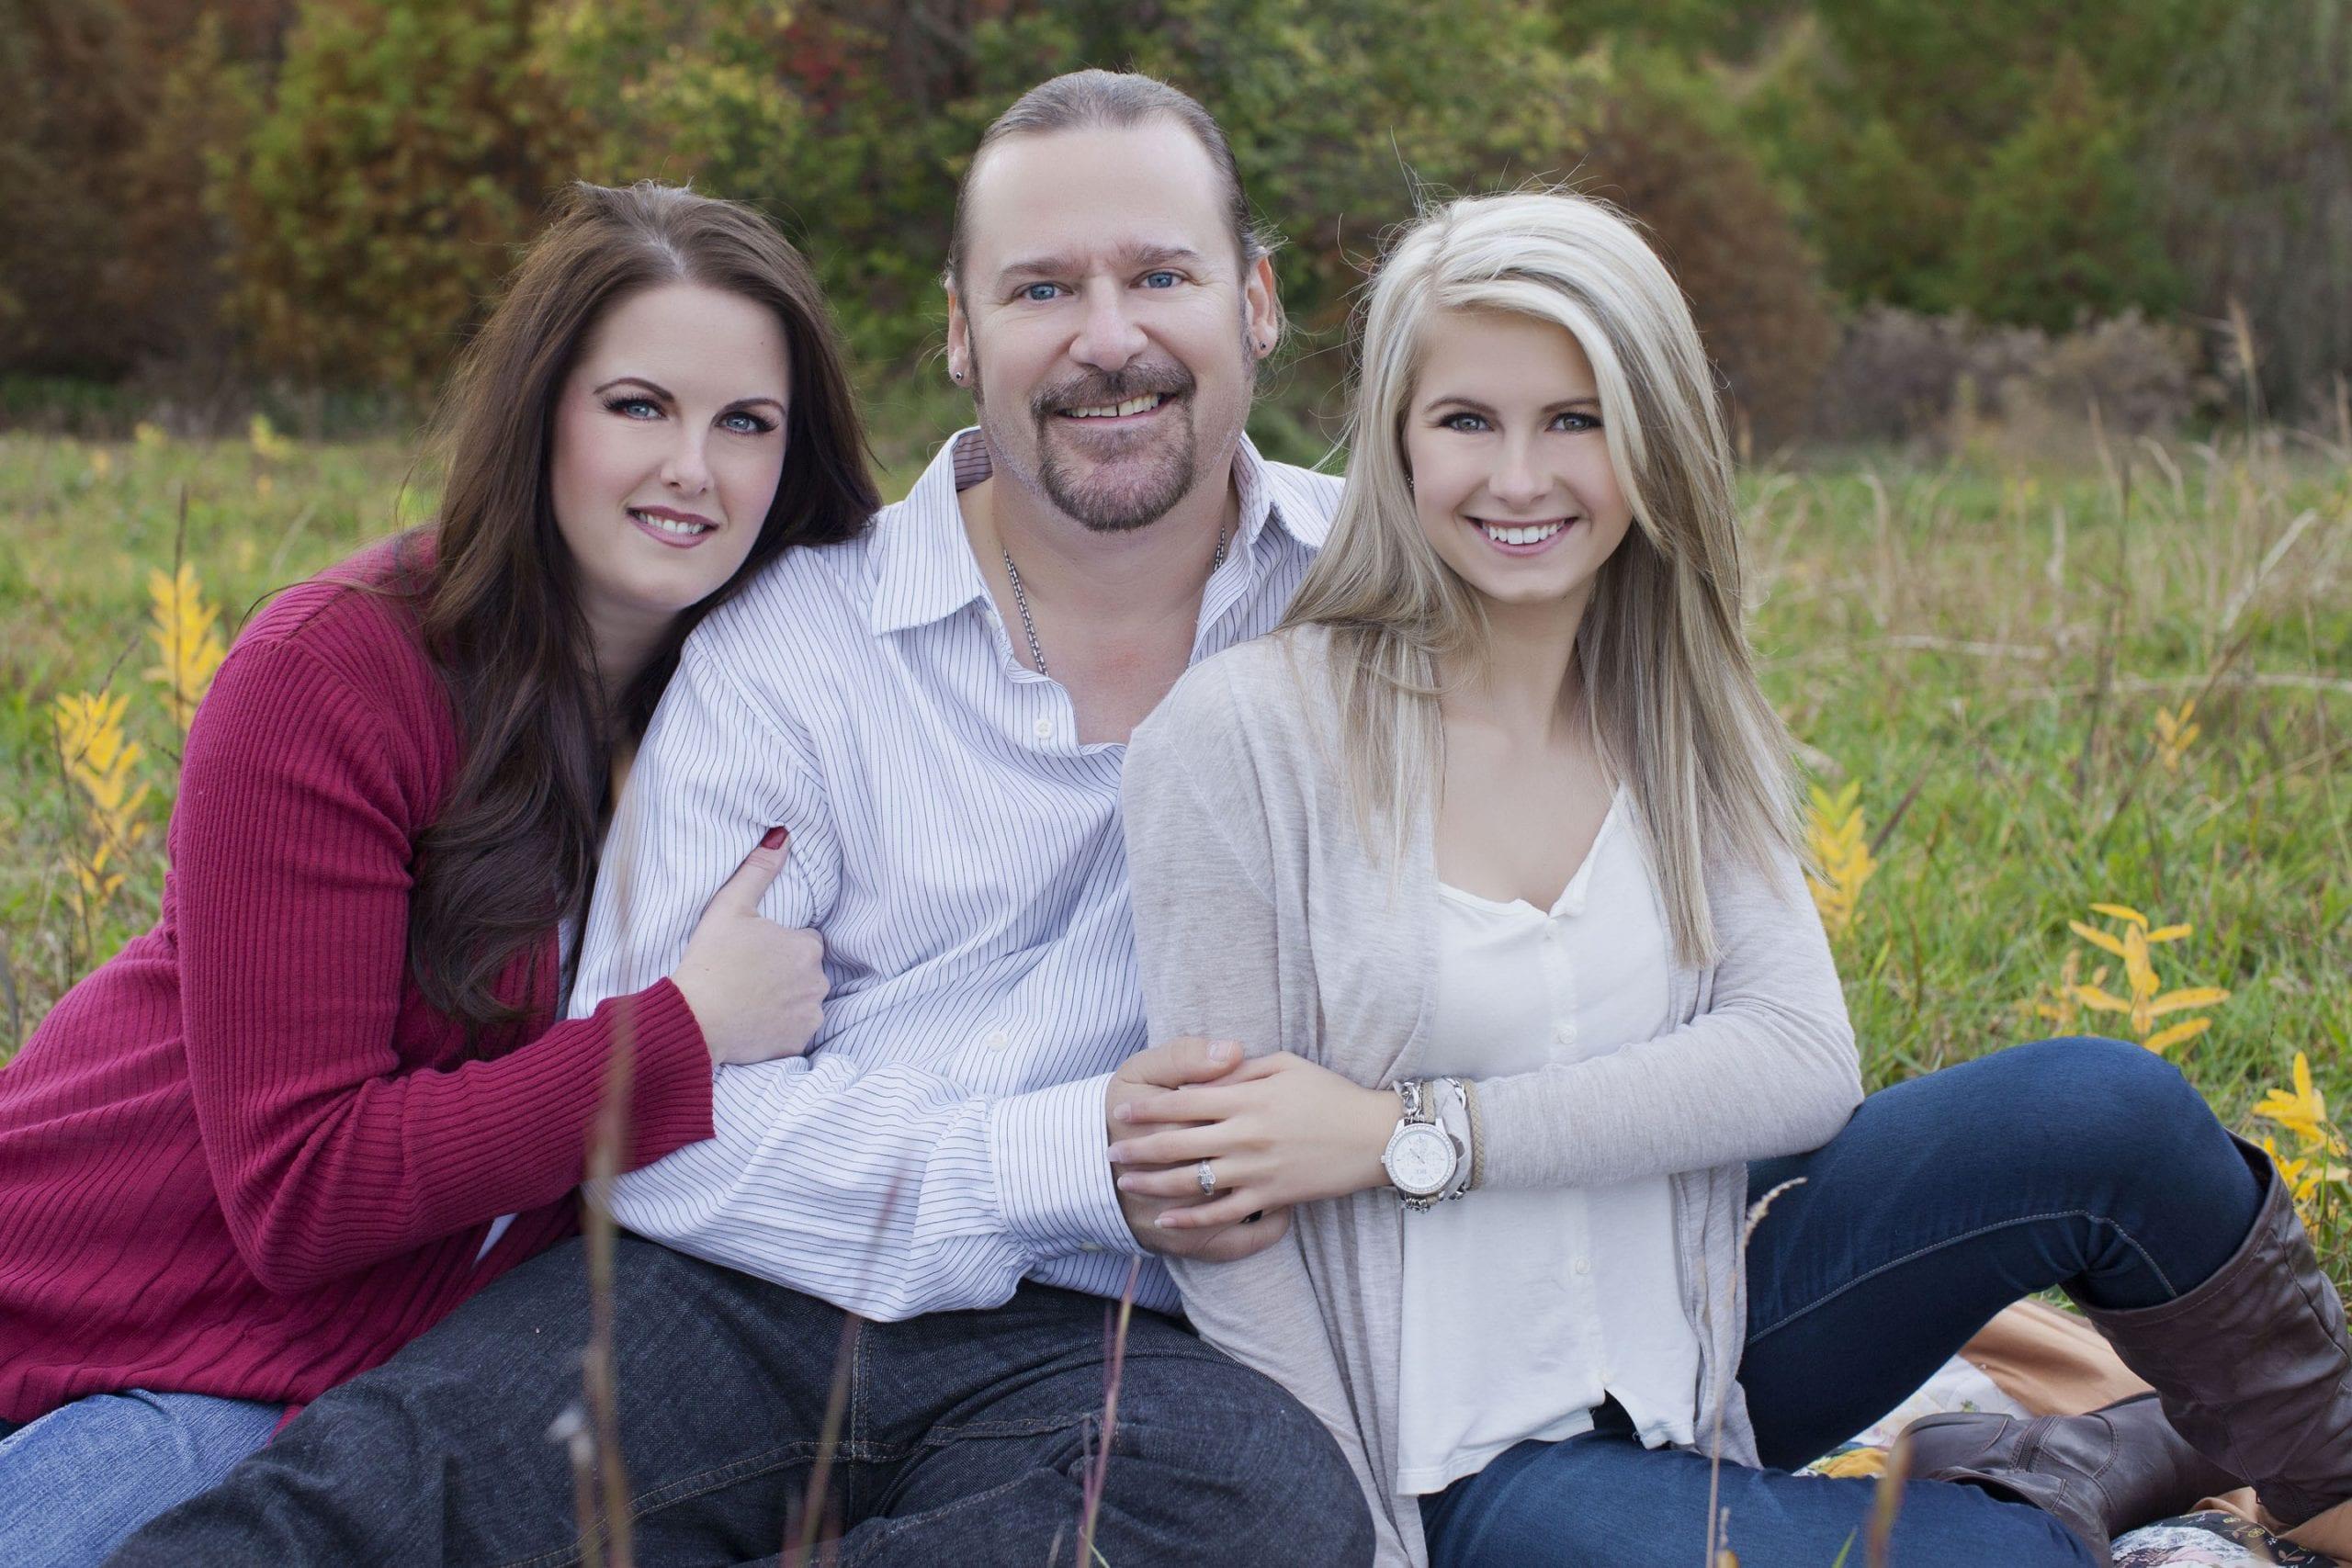 Family portrait, teen, parents